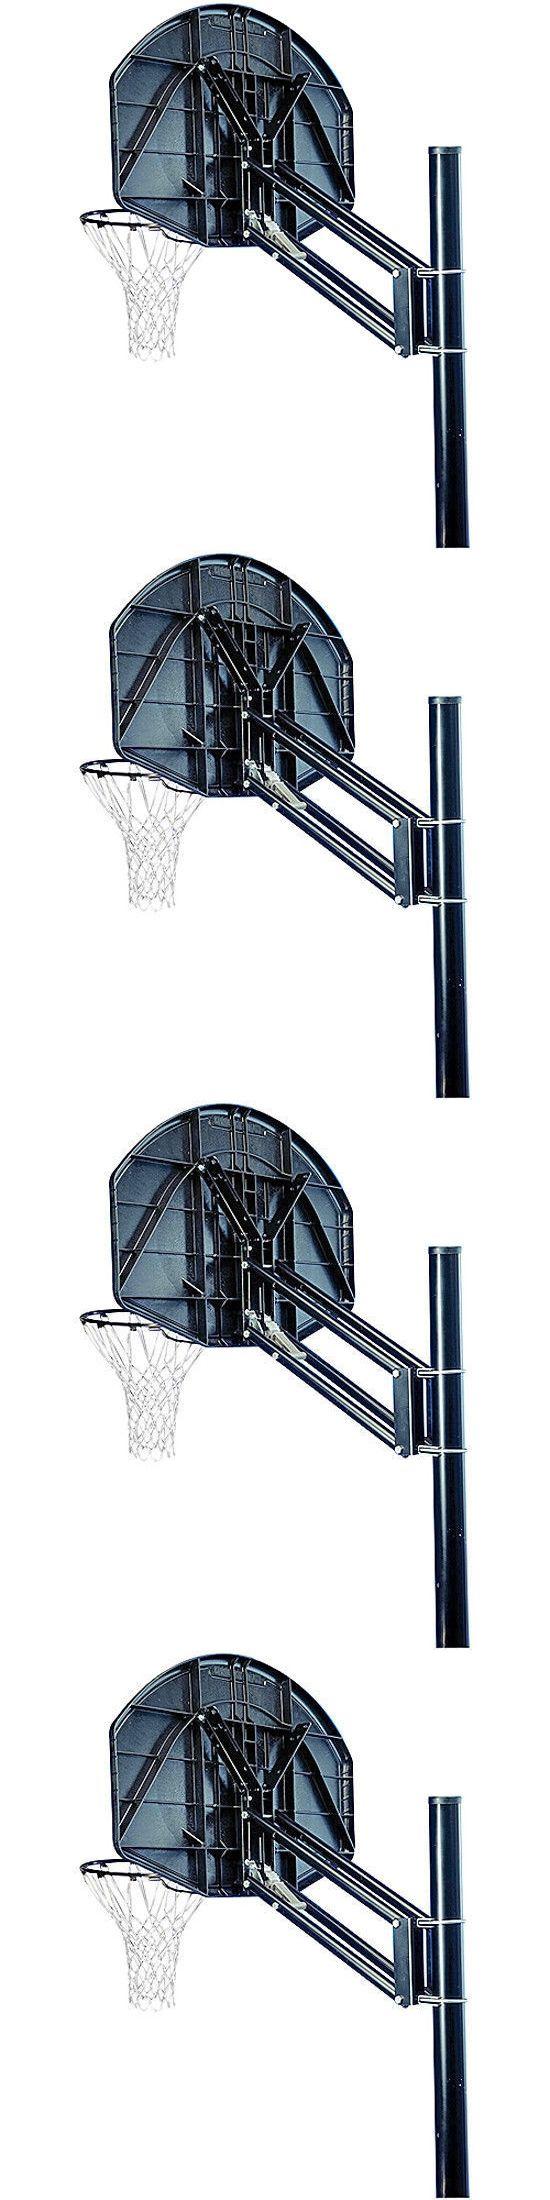 Backboard Systems 21196: Spalding Universal Mounting Bracket Basketball Hoop Black Backboard New -> BUY IT NOW ONLY: $51.87 on eBay!